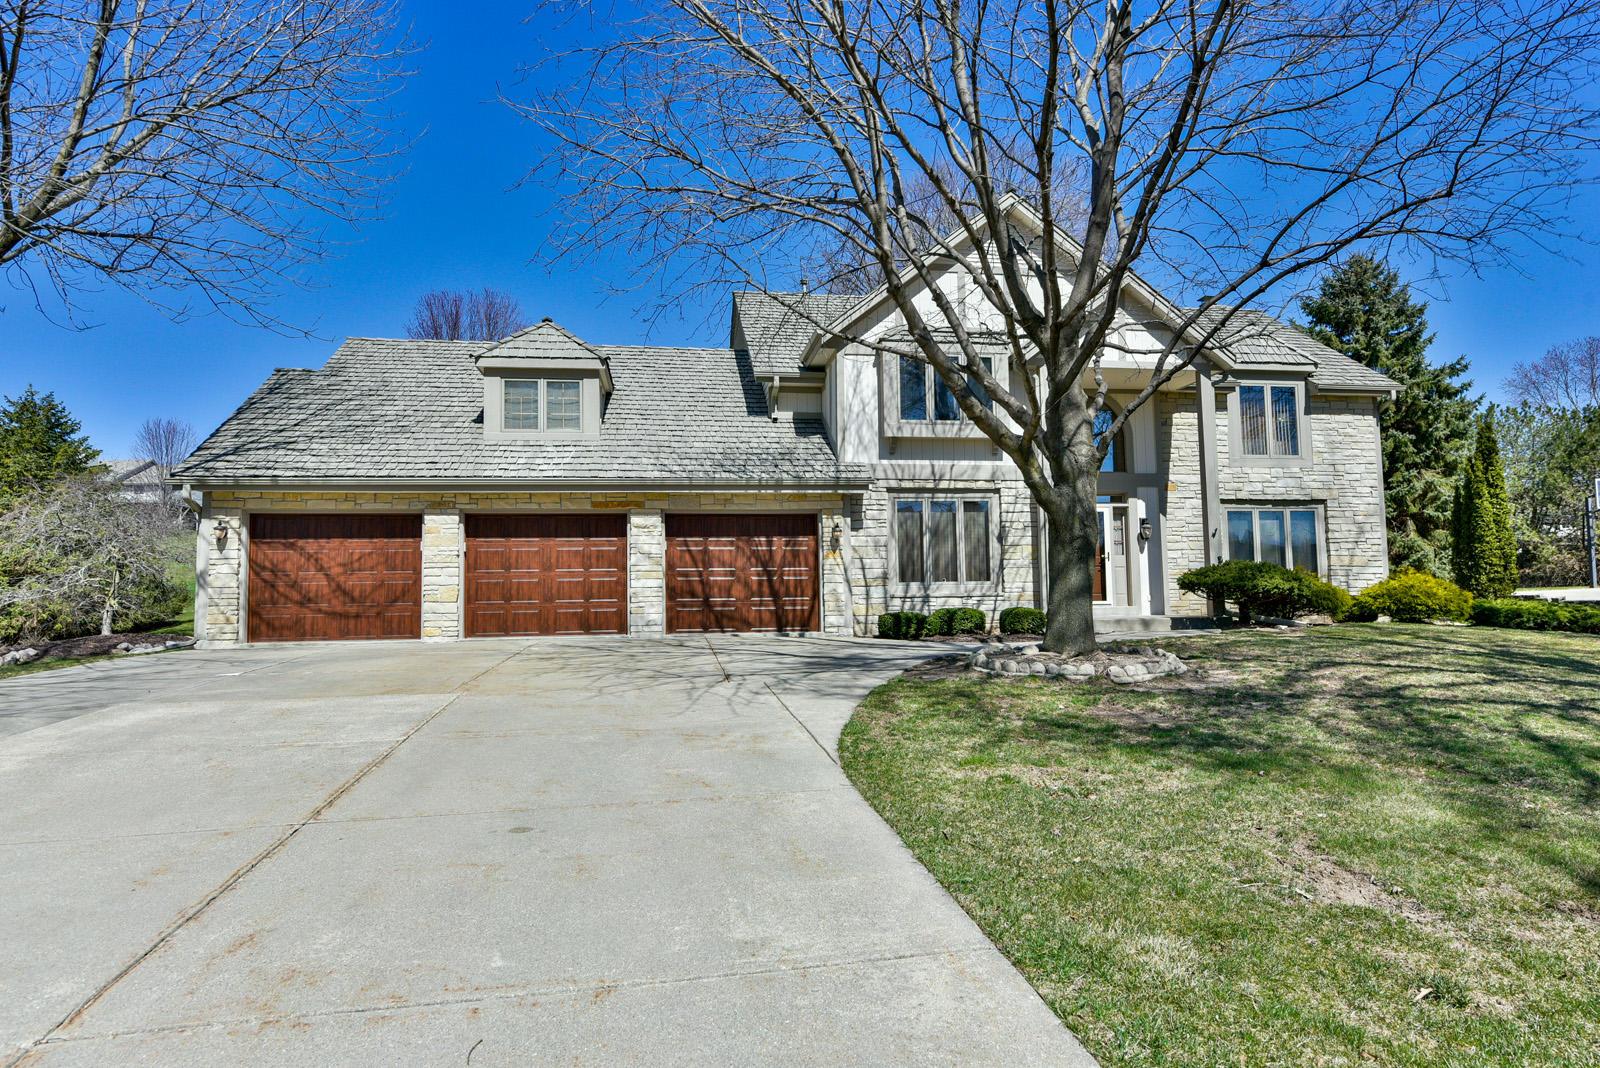 N32W23262 Fieldside Rd, Pewaukee, Wisconsin 53072, 3 Bedrooms Bedrooms, ,3 BathroomsBathrooms,Single-Family,For Sale,Fieldside Rd,1734233